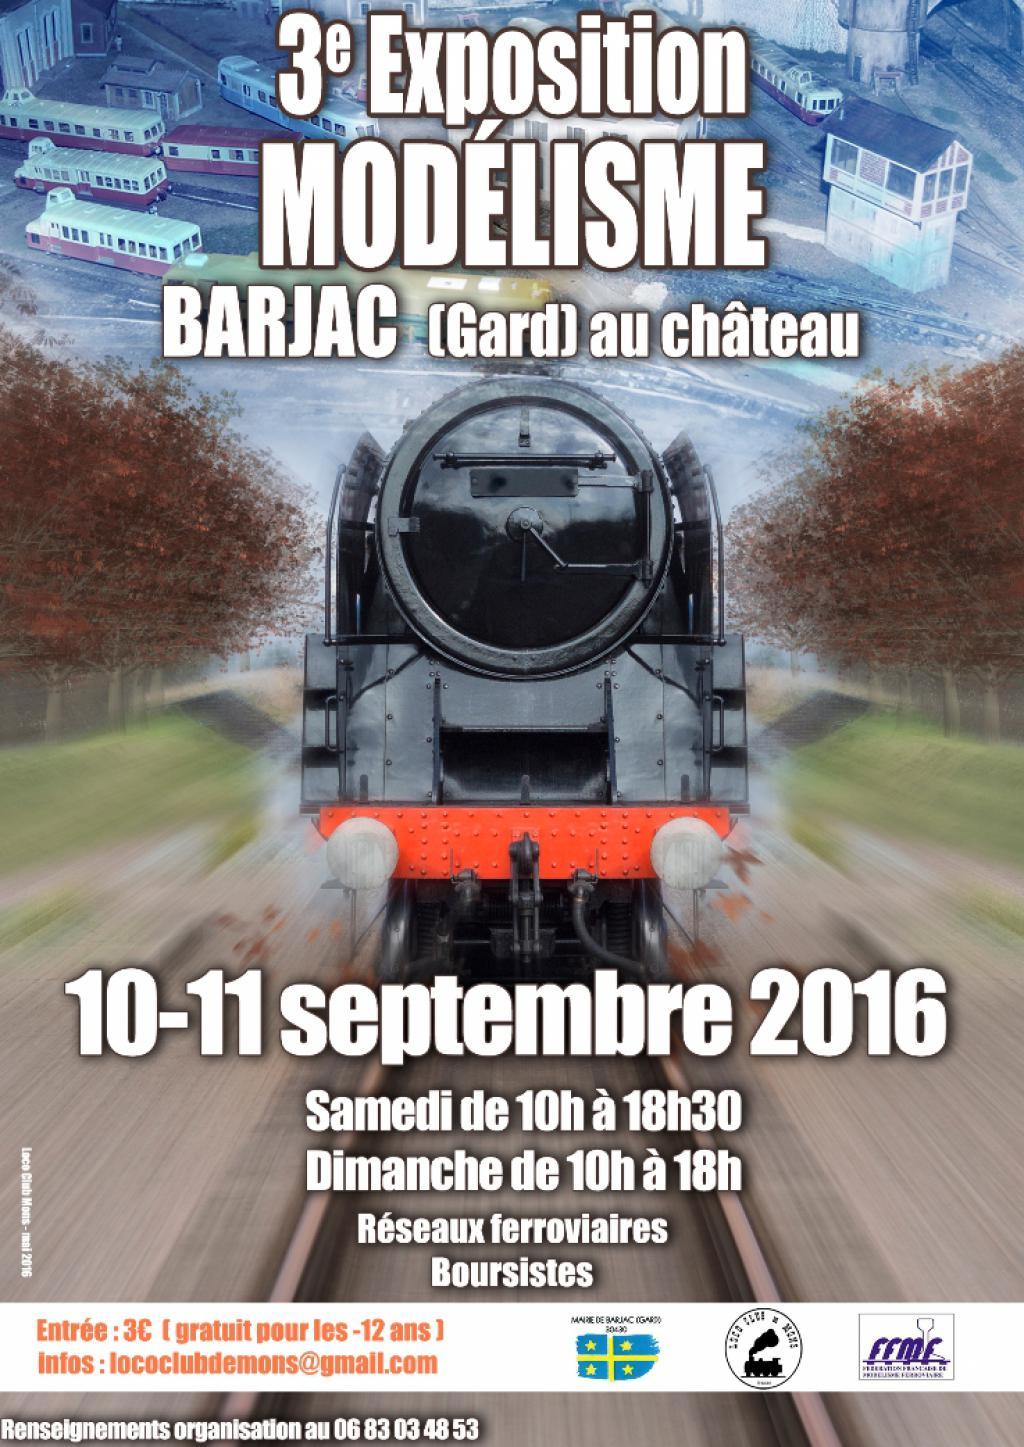 Exposition de Modelisme à Barjac 10 et 11 septembre 2016 Barjac-2016-503f695